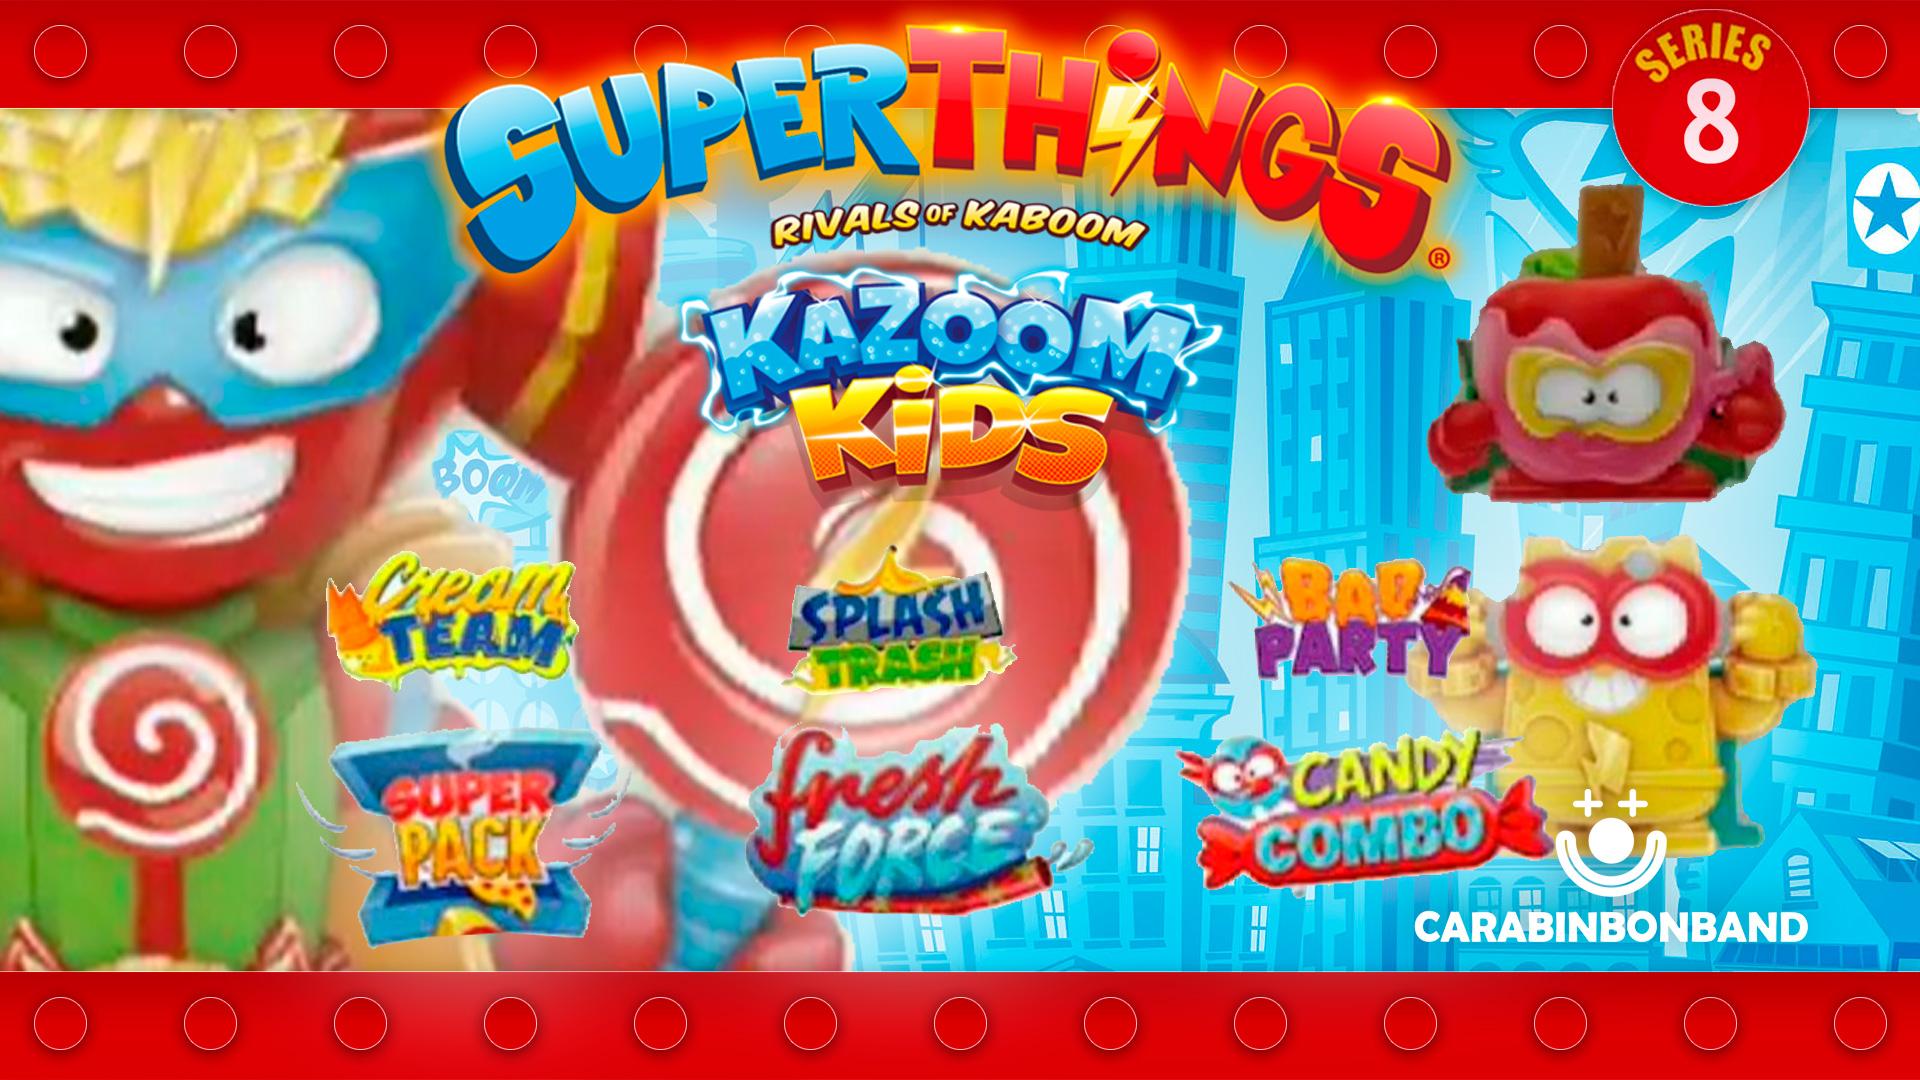 SUPERTHINGS SERIES 8 TEAMS - SUPERZINGS KAZOOM KIDS TEAMS